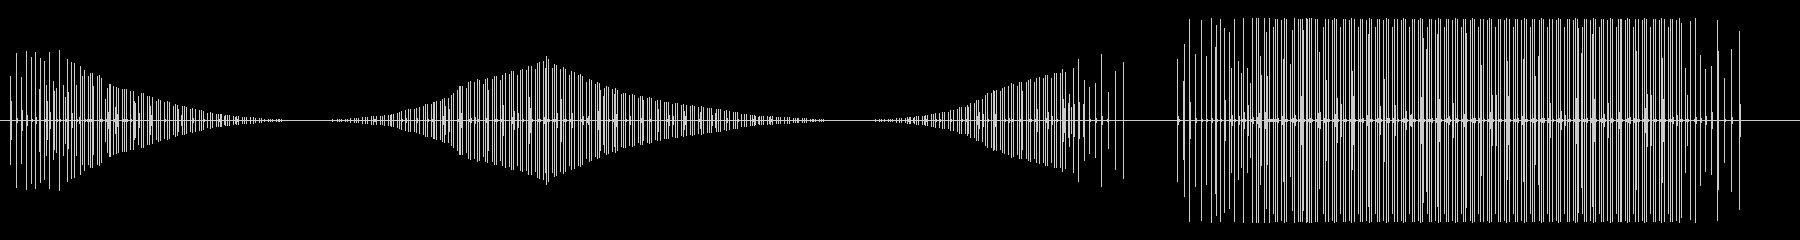 漫画-馬-ギャロップの未再生の波形